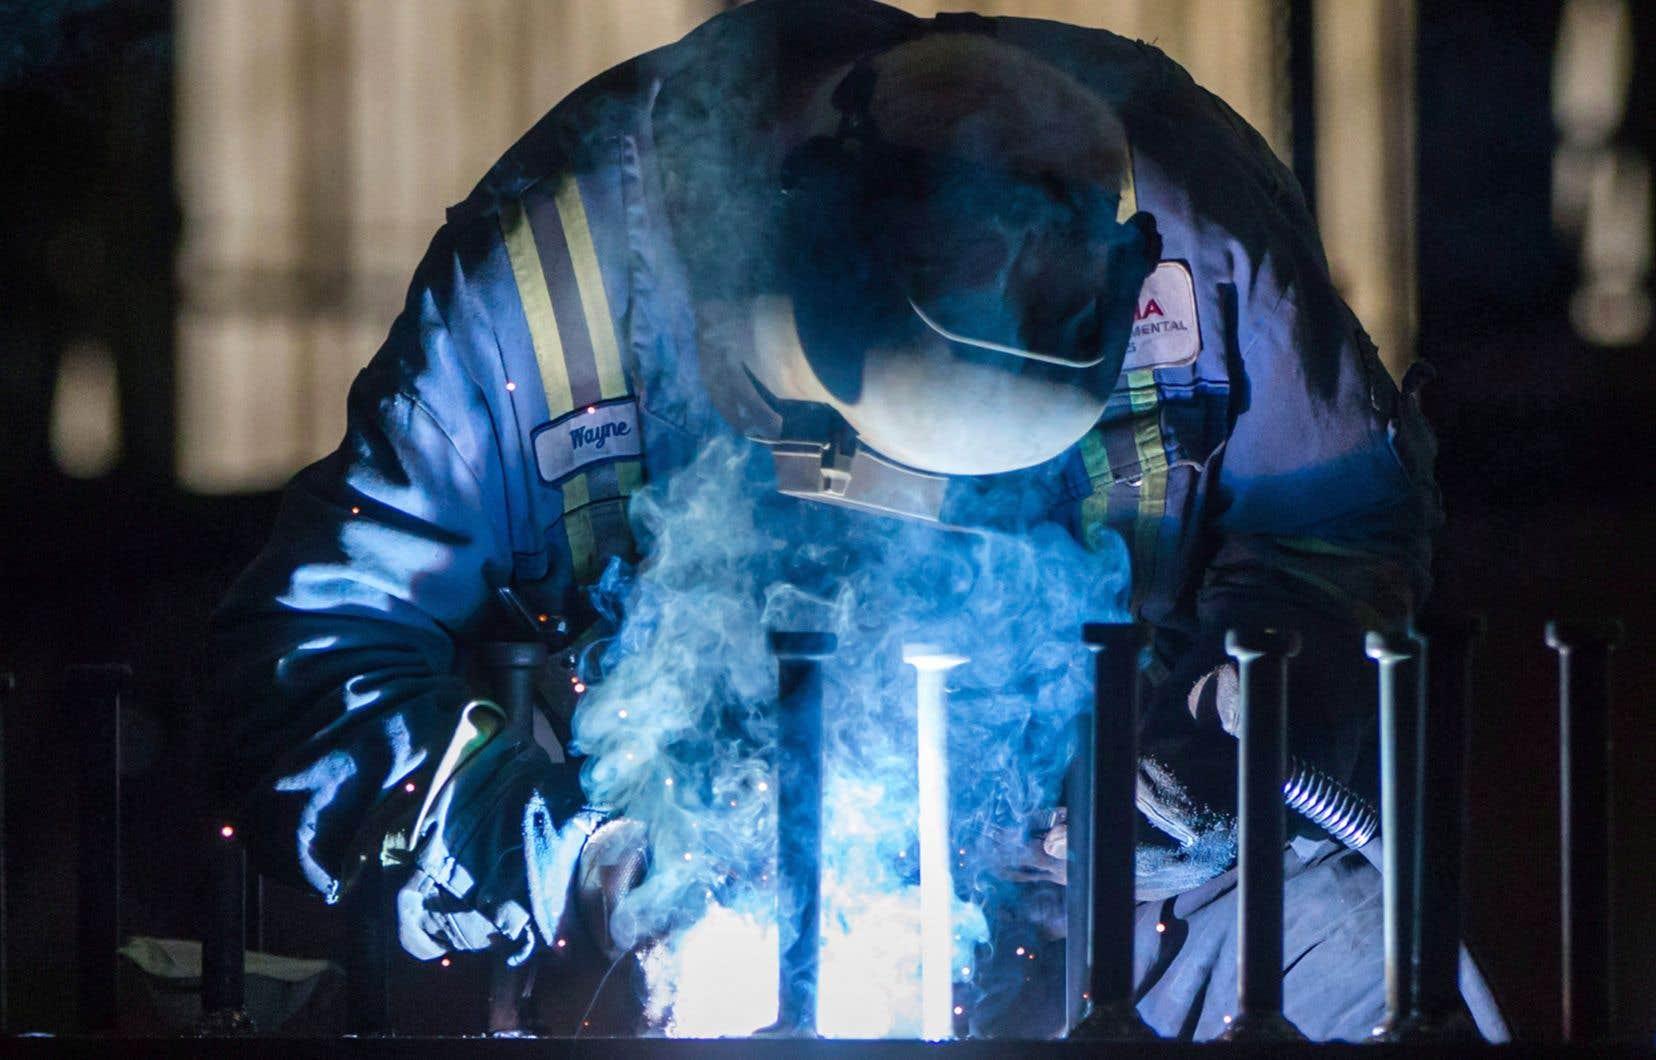 Les tarifs douaniers sur l'acier et l'aluminium canadiens seront retirés si un nouvel accord de libre-échange nord-américain est conclu, a soutenu jeudi Robert Lighthizer devant un comité du Sénat américain.